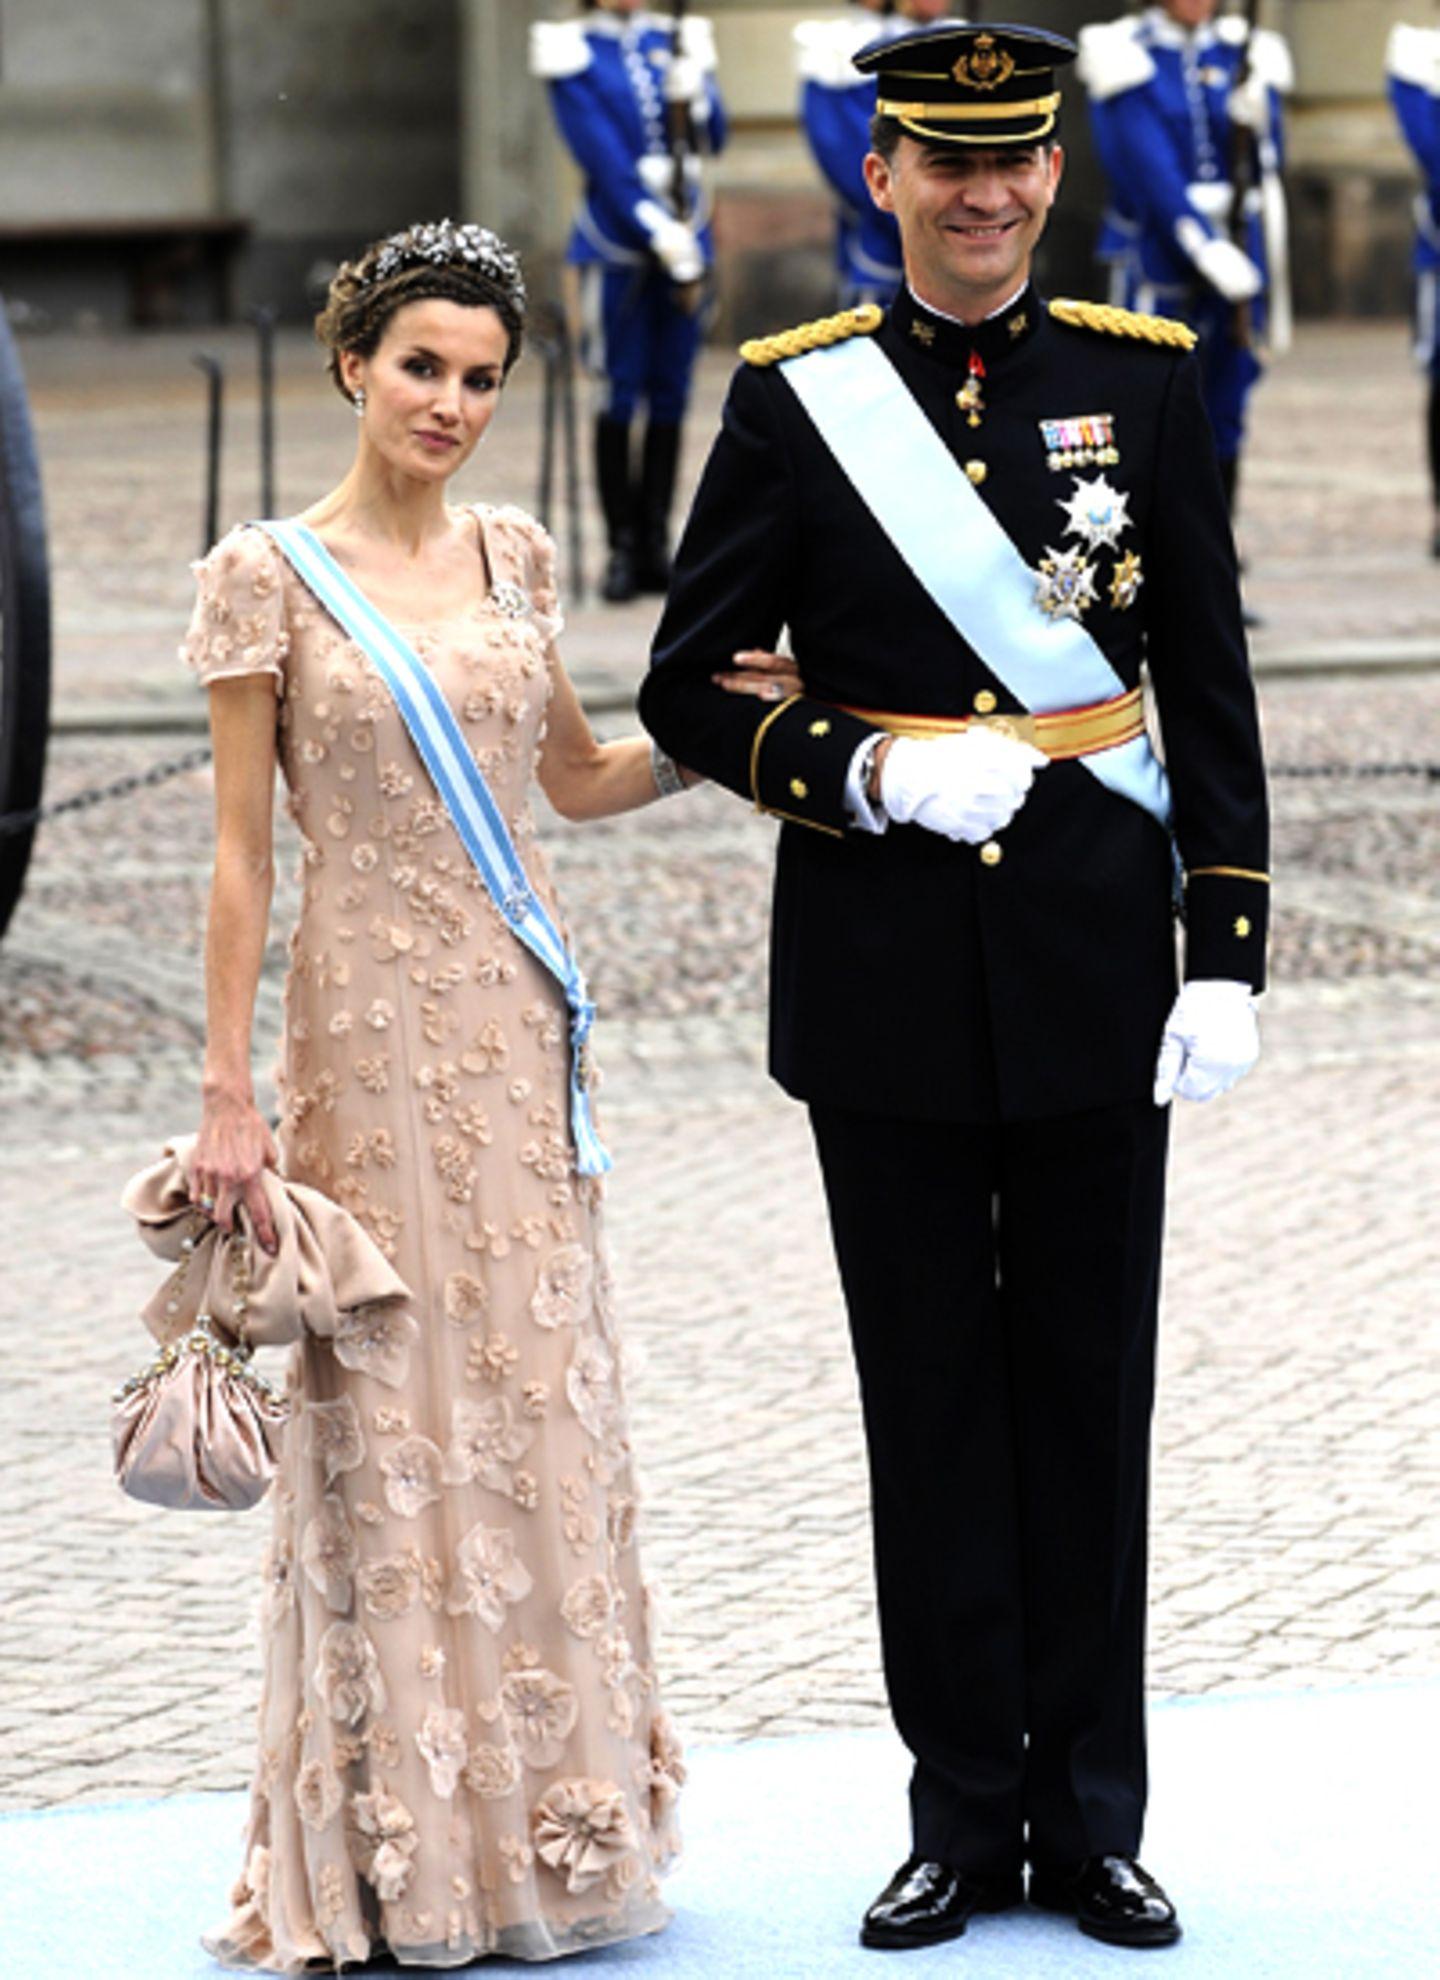 Prinzessin Letizia meistert den Weg gemeinsam mit ihrem Mann, Prinz Felipe von Spanien.